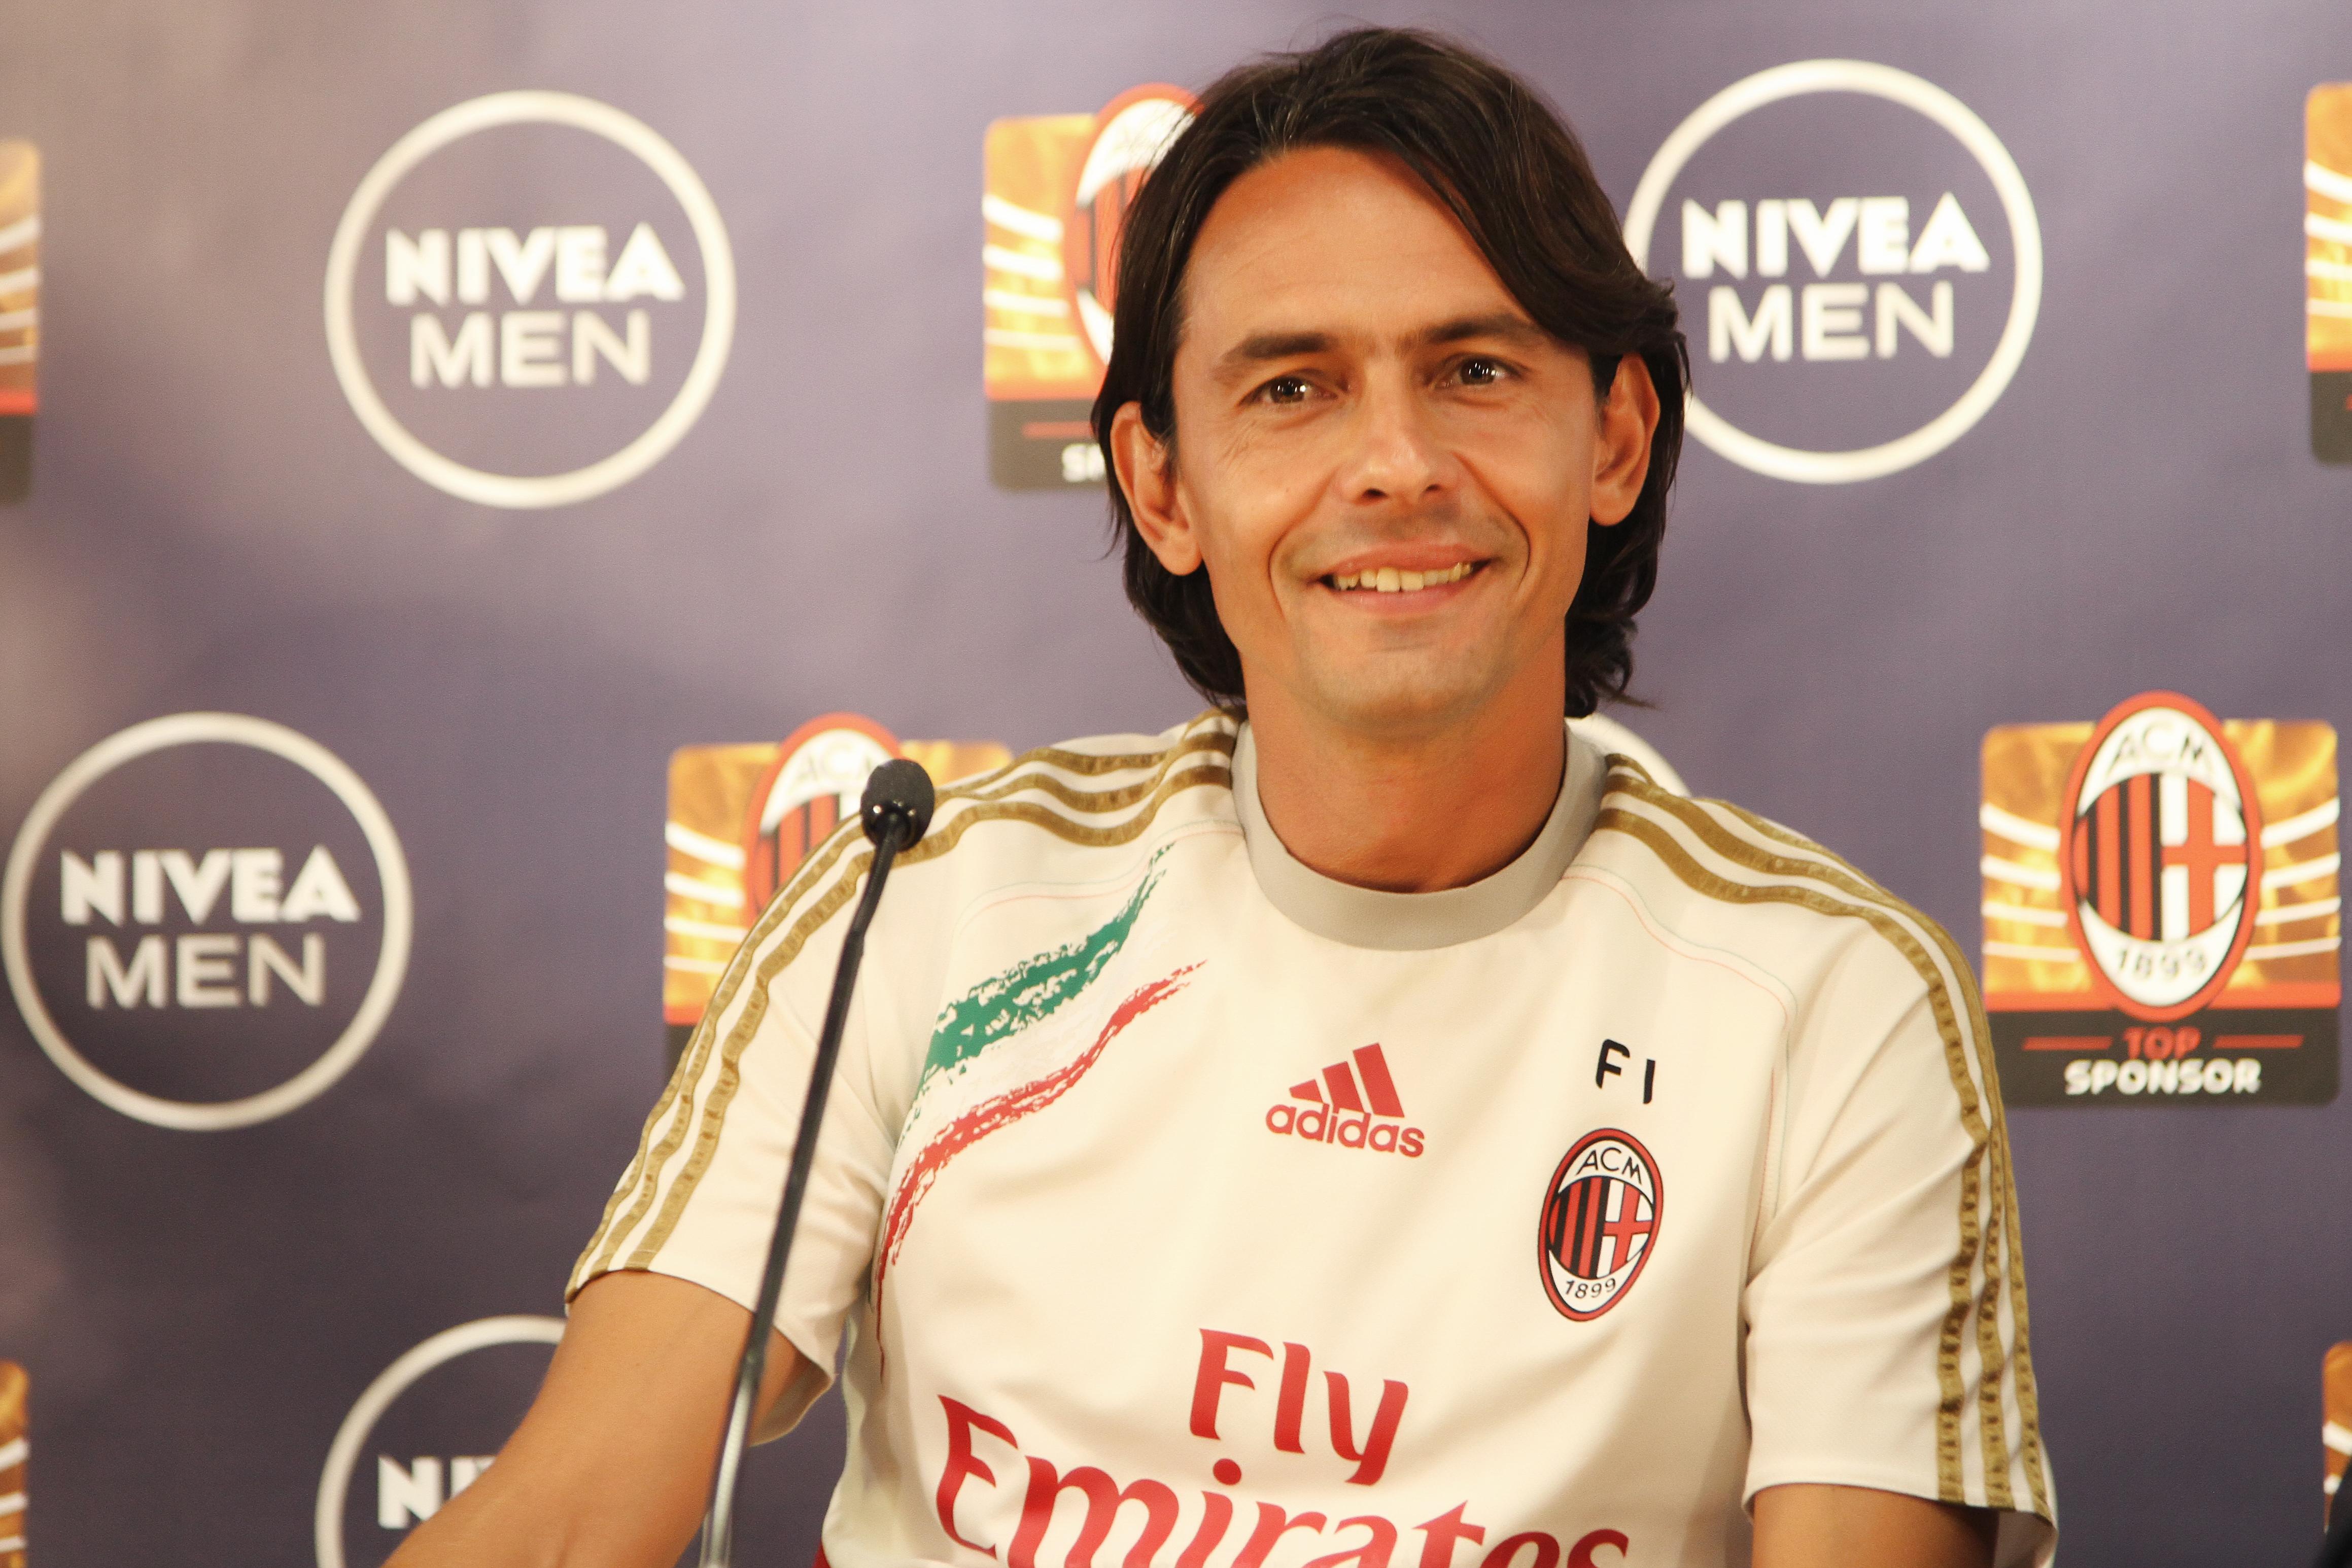 Filippo Inzaghi, nuovo volto di Nivea Men (FOTO)